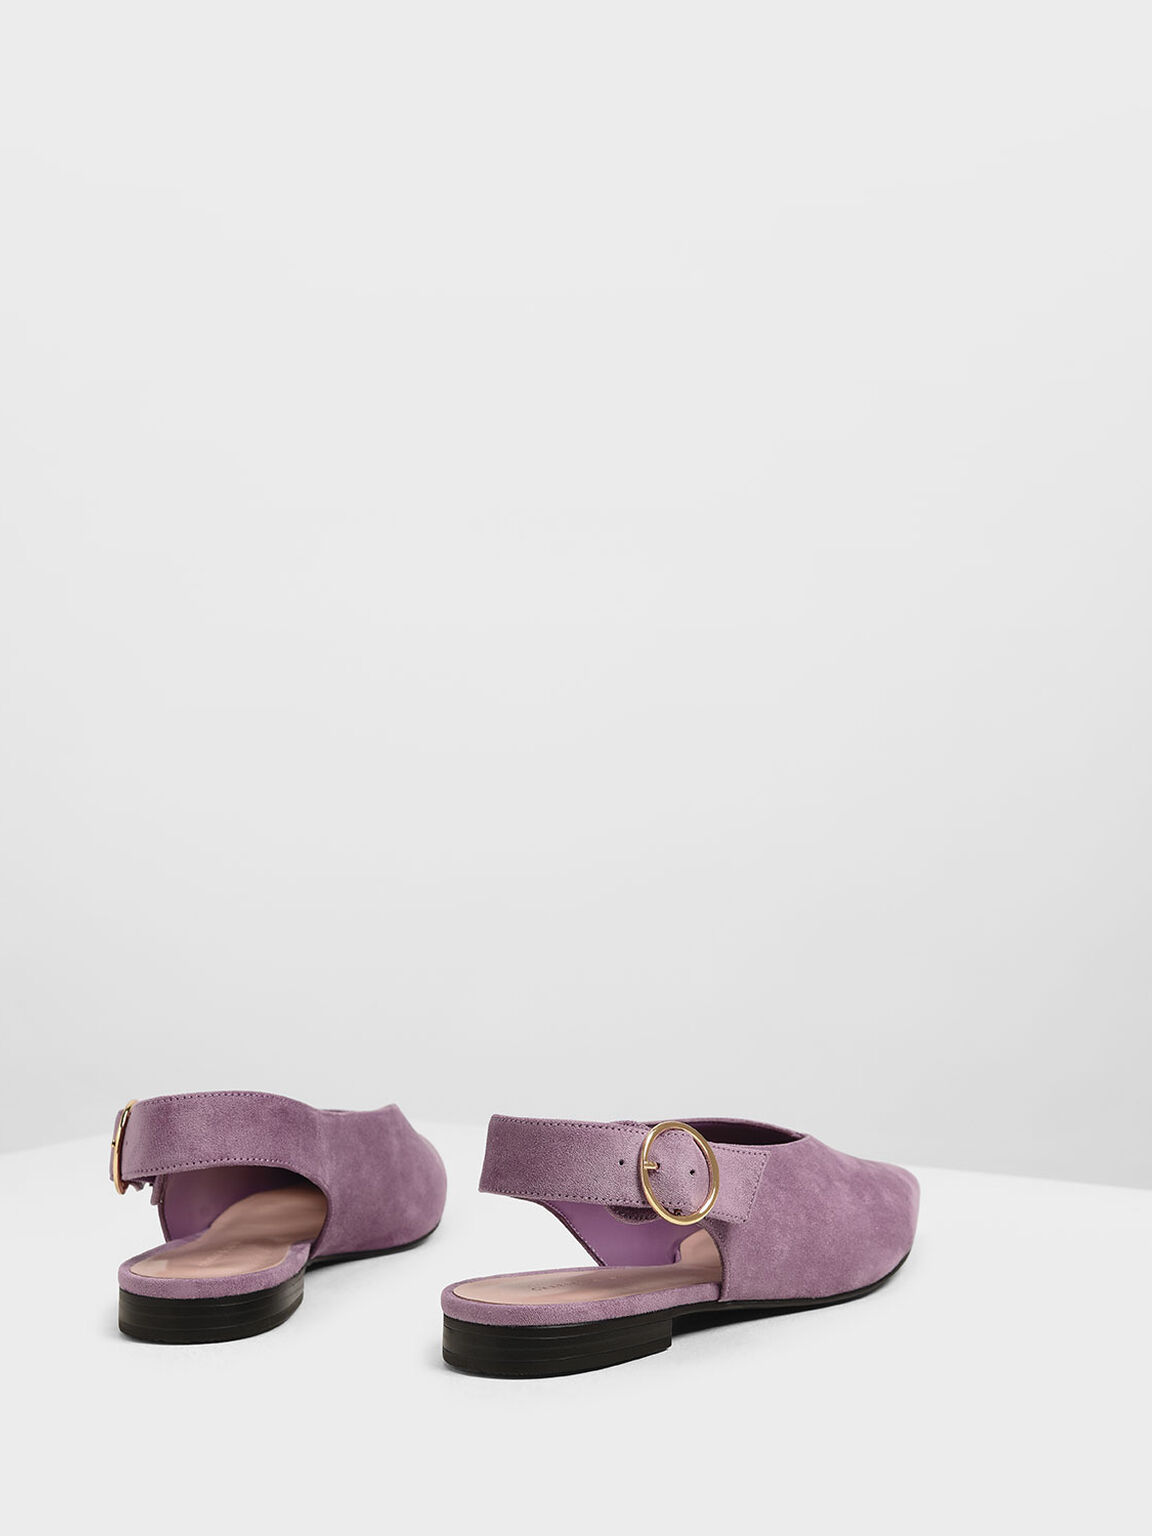 尖頭平底鞋, 紫丁香色, hi-res